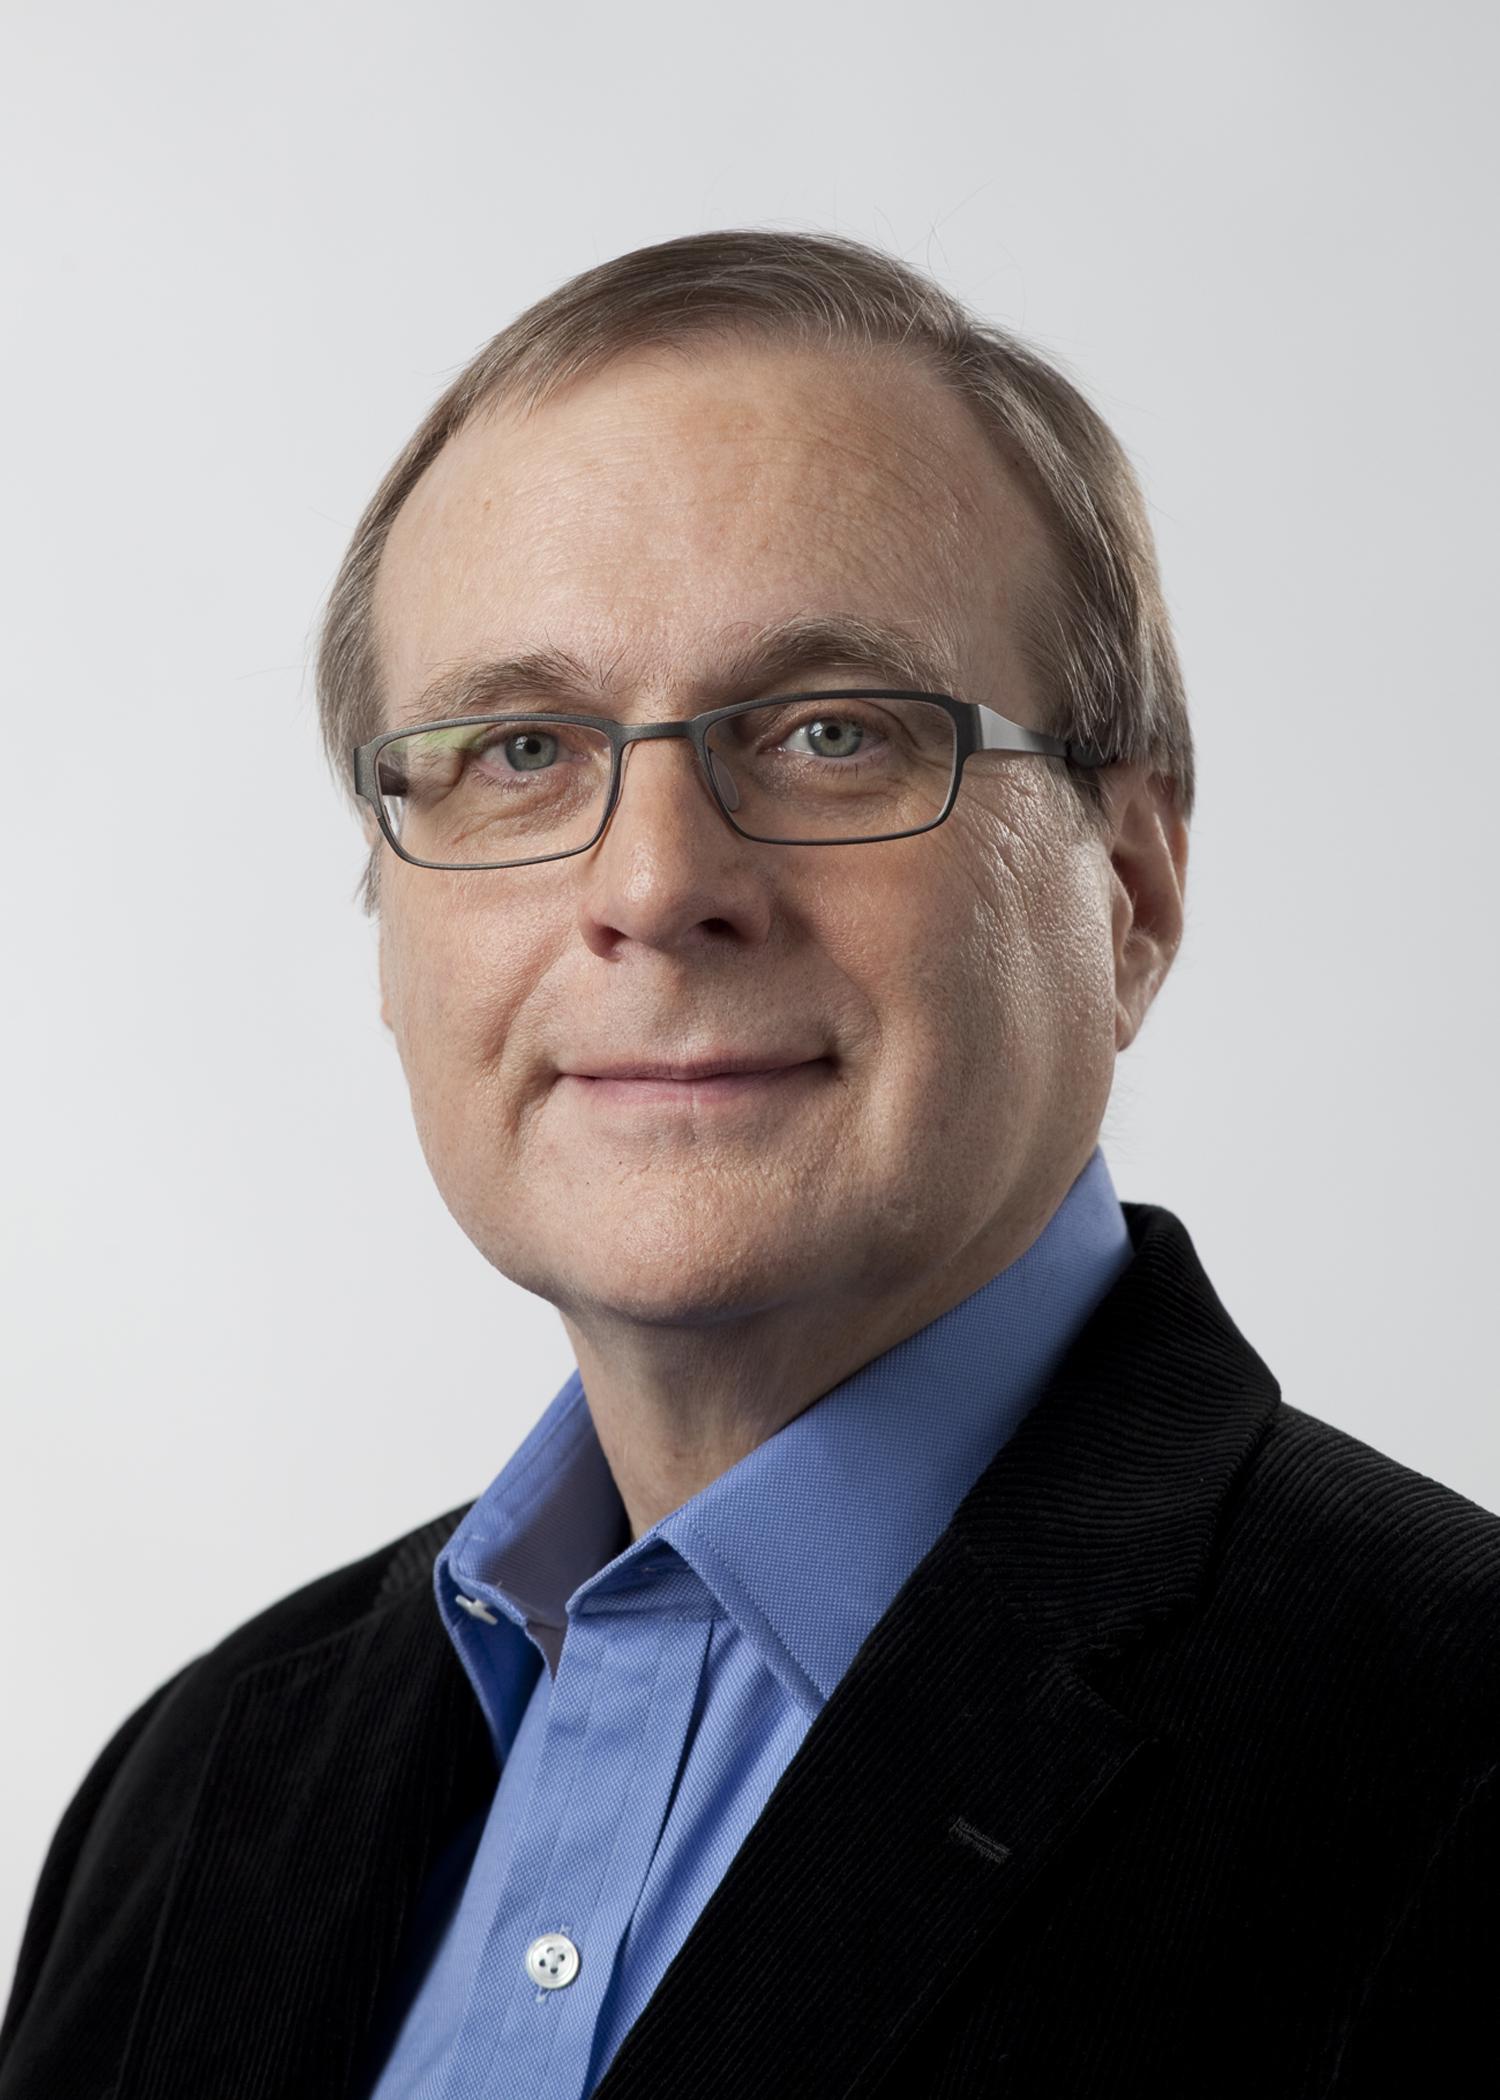 Meet: Paul G. Allen